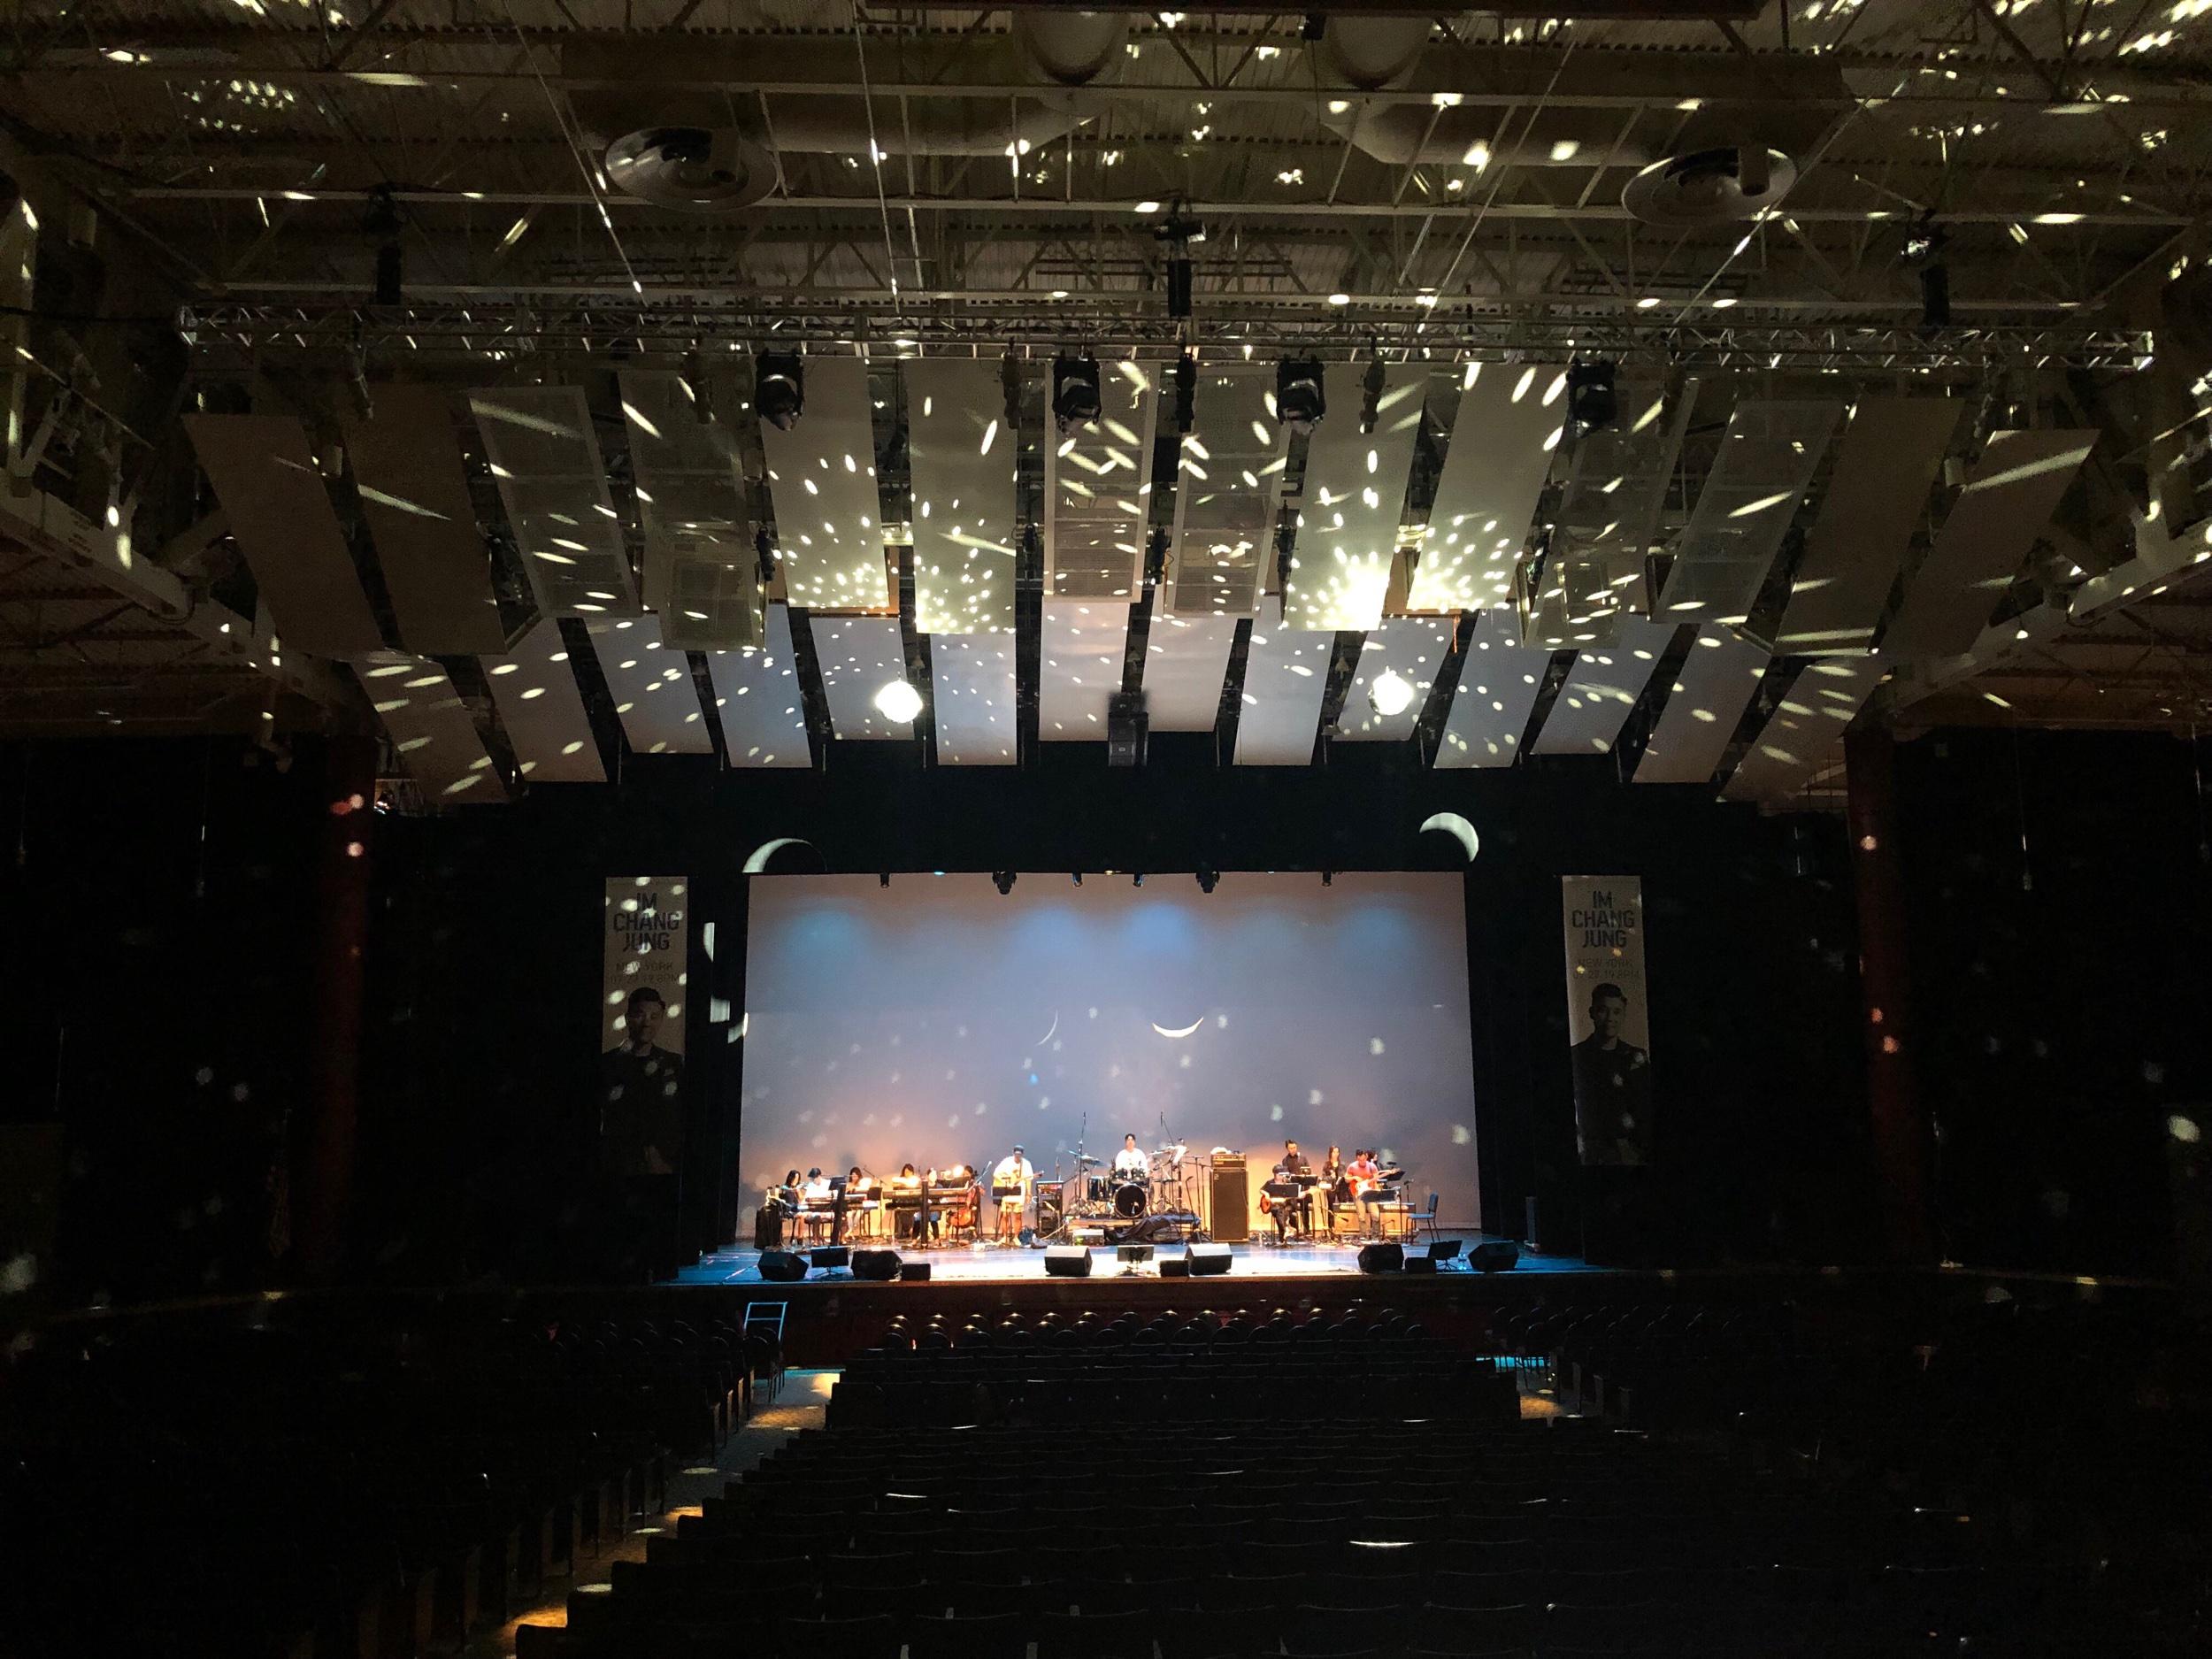 임창정 2019 New York Concert